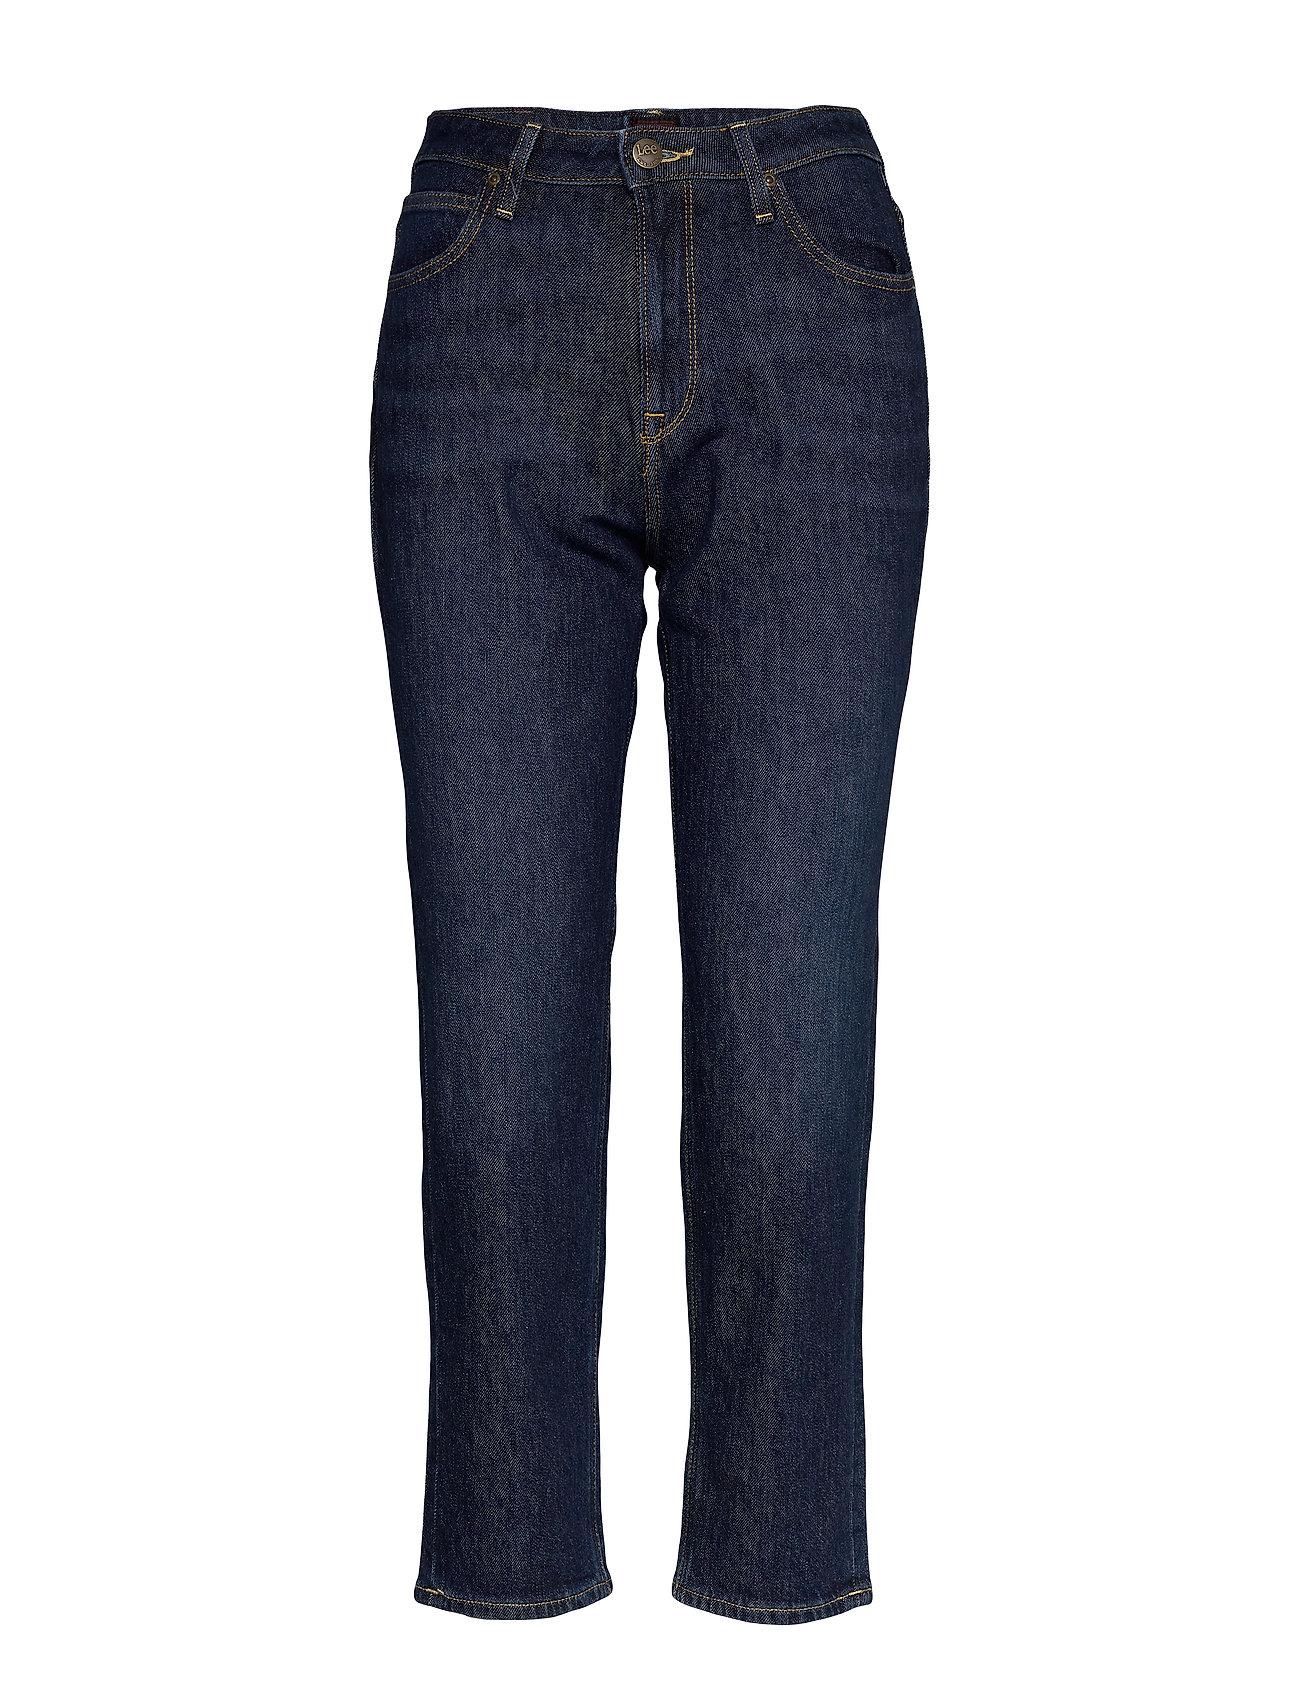 Image of Carol Lige Jeans Blå Lee Jeans (3418623795)